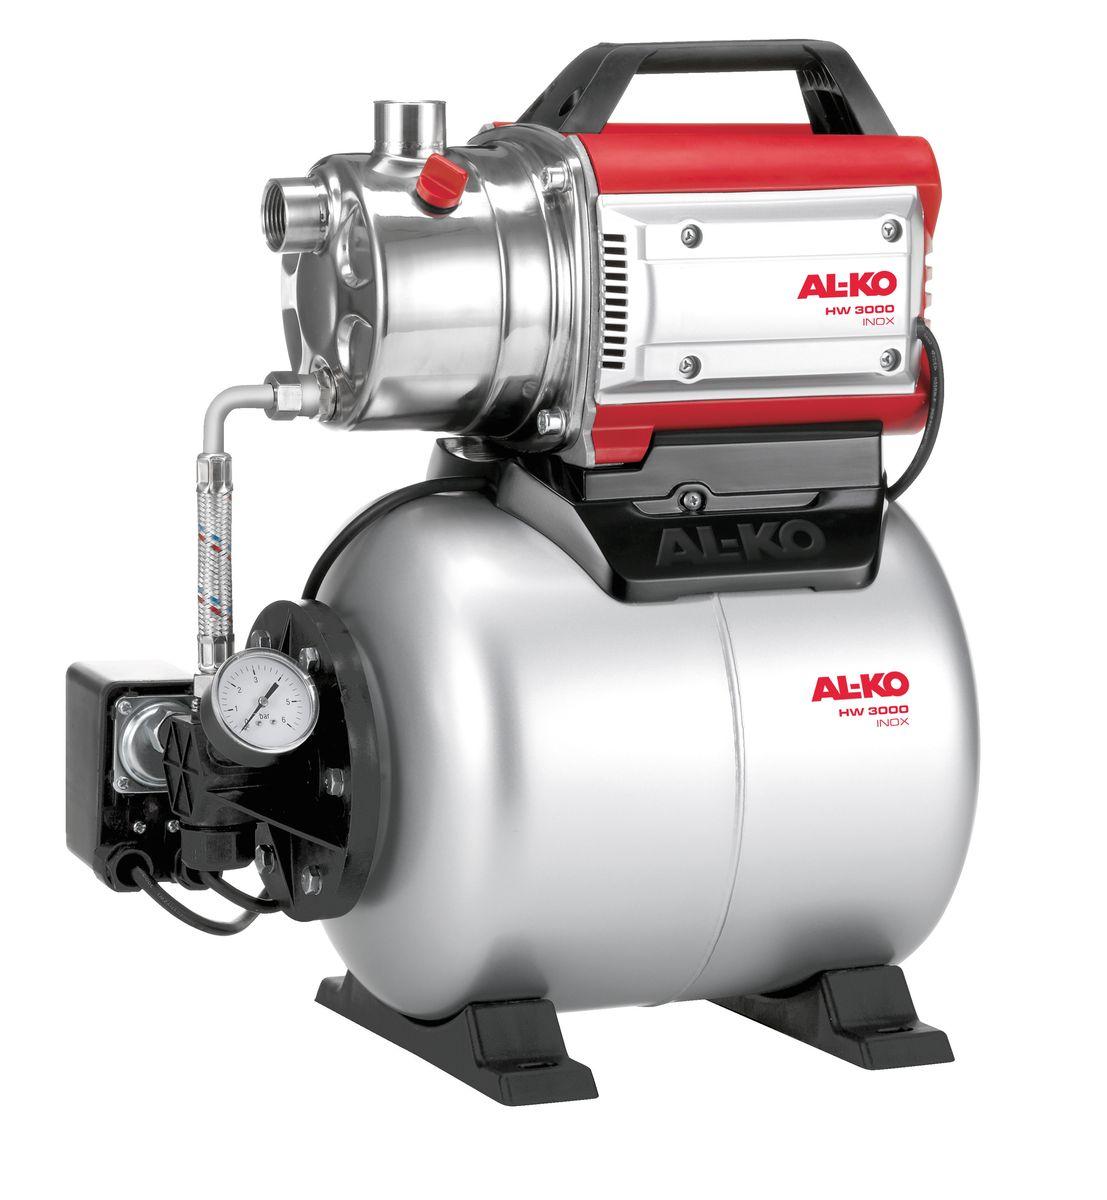 Насосная станция AL-KO HW 3000 Inox Classic112846Очень легкий ввод в эксплуатацию. Головка из нержавеющей стали.